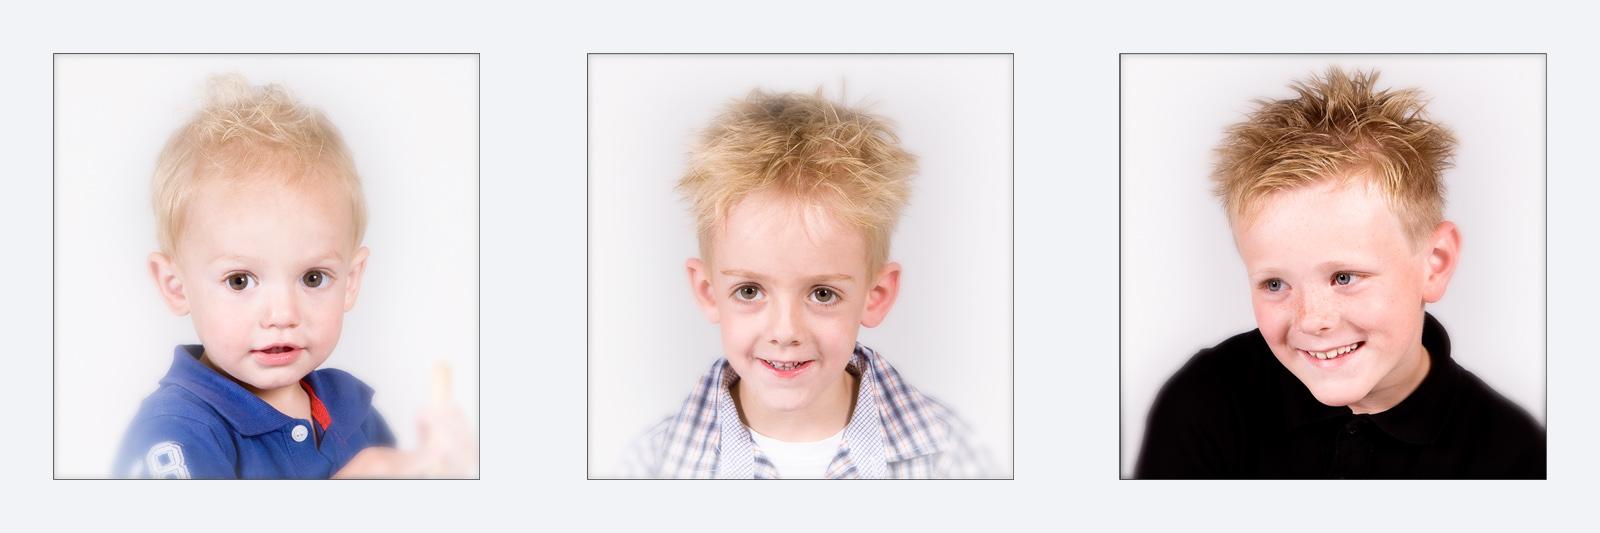 Kinderfoto_(14)